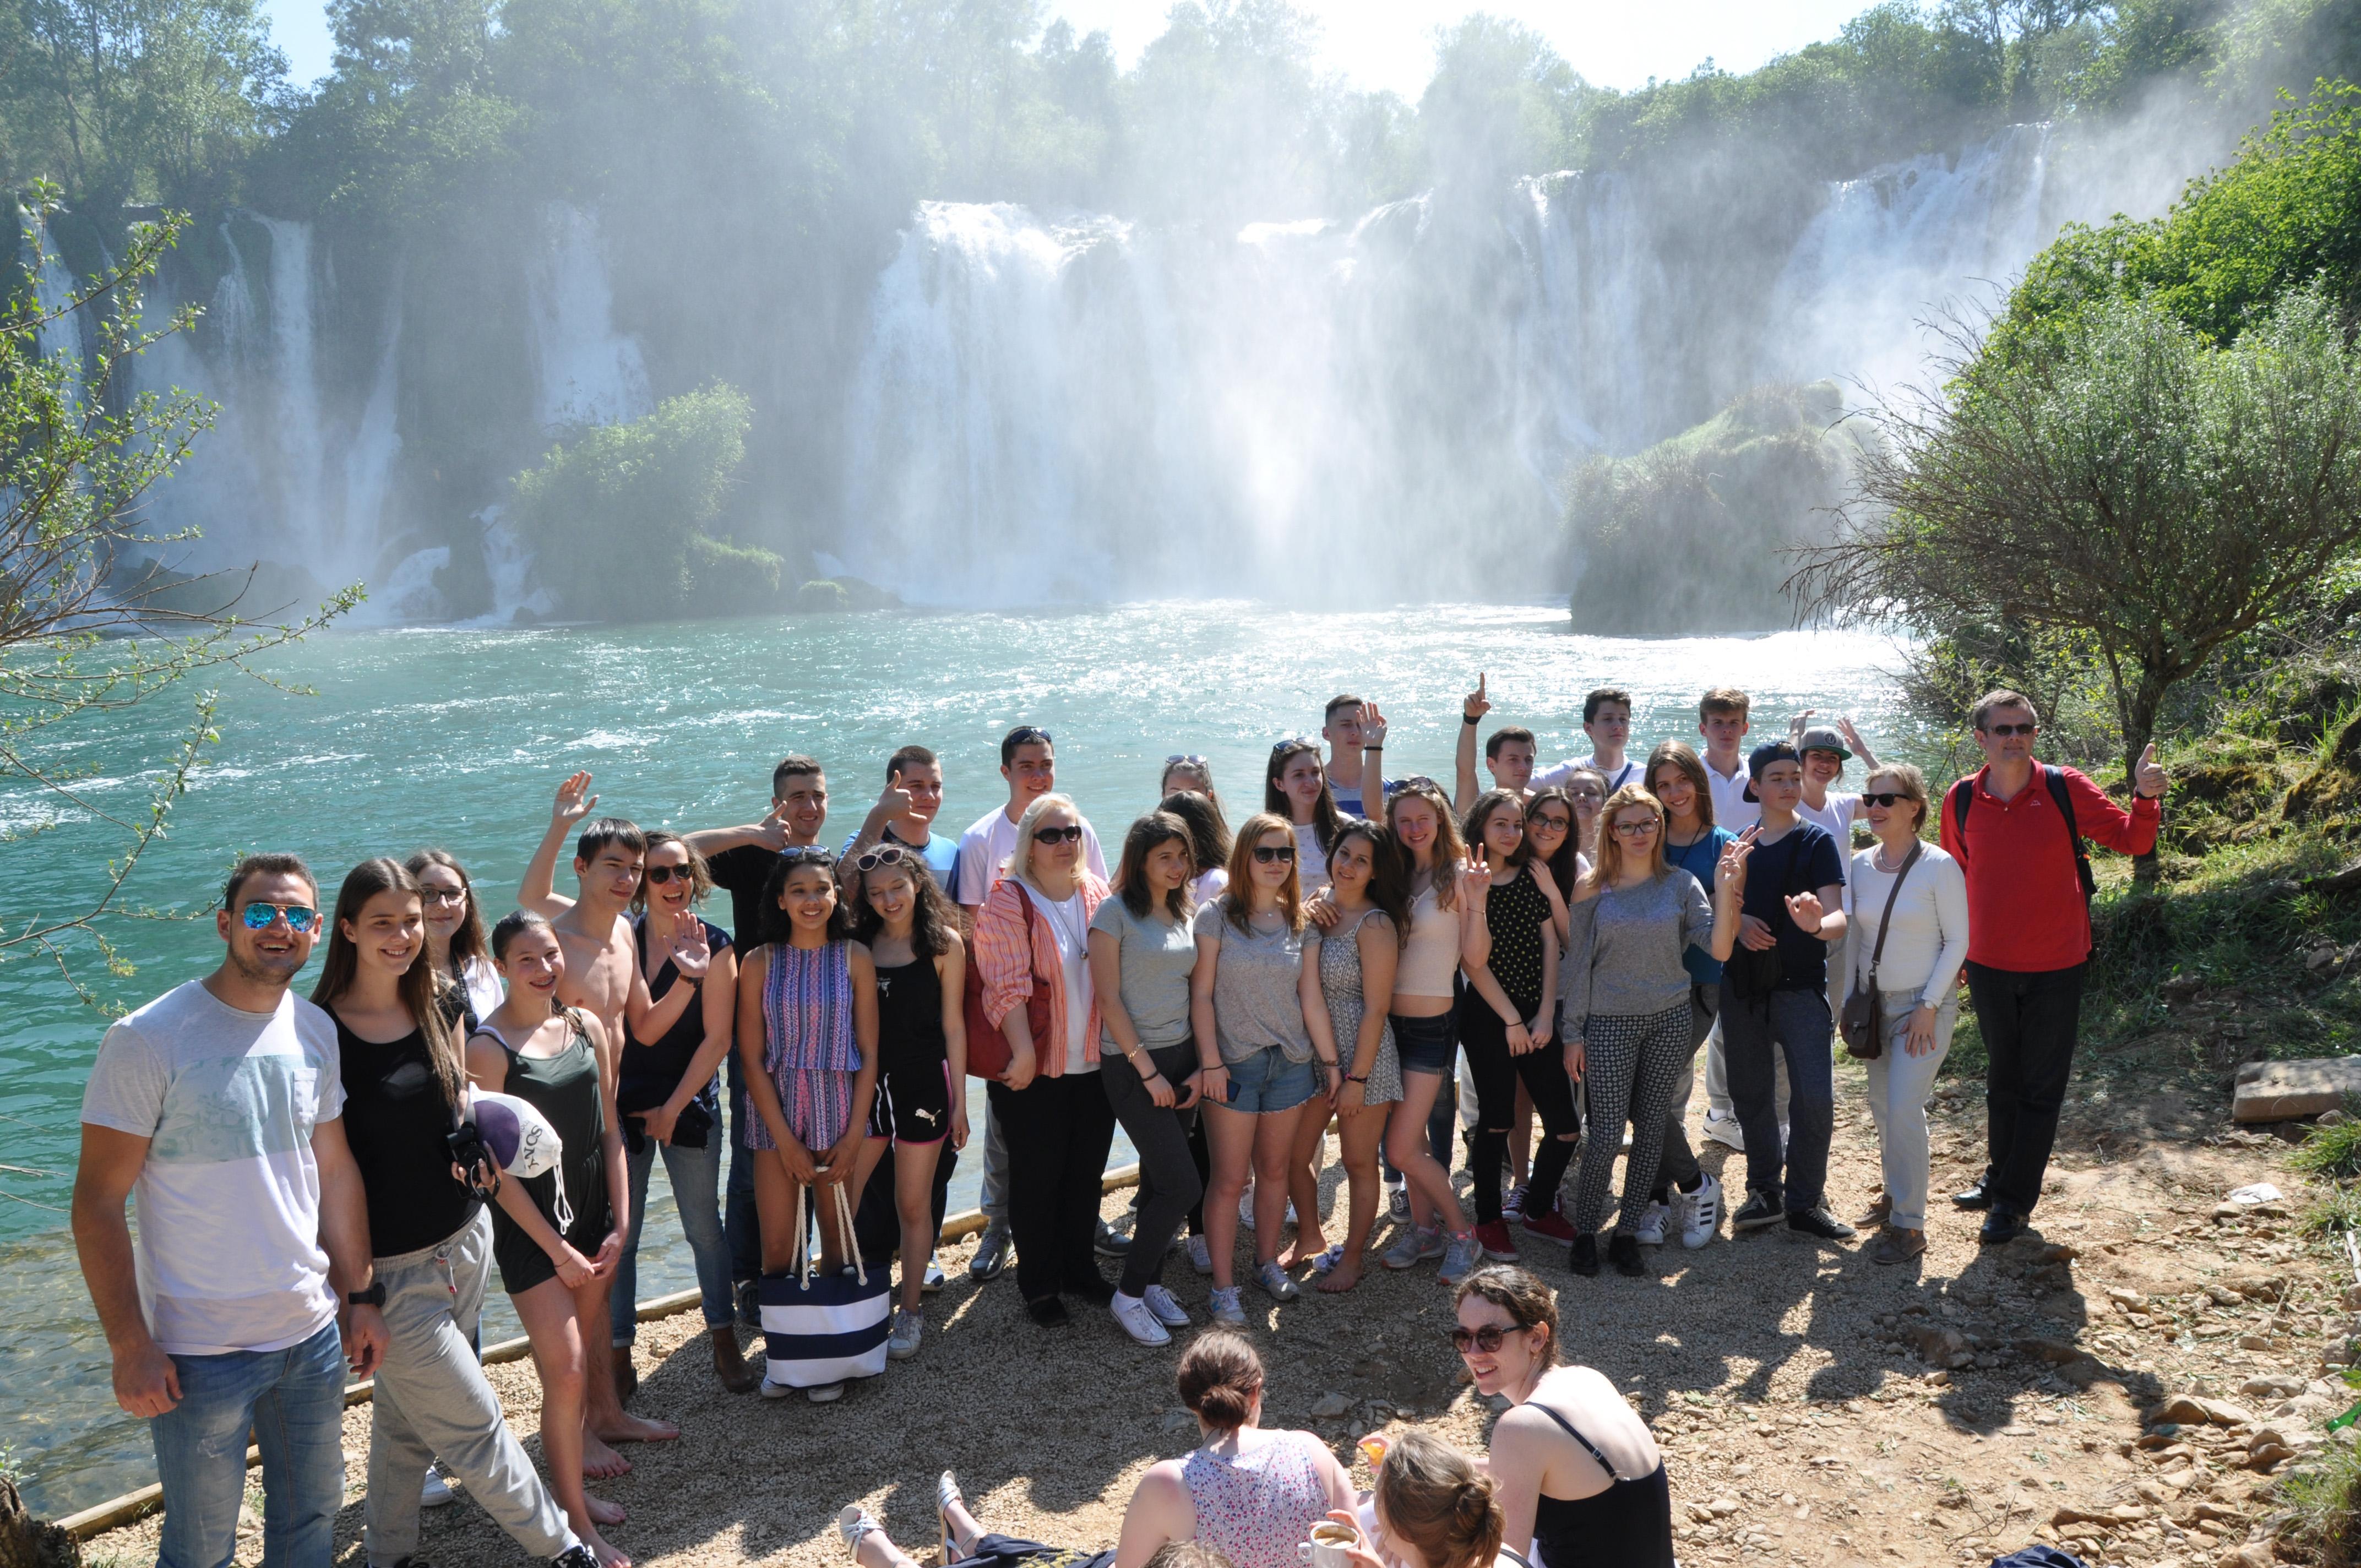 Schüler aus Hamburg, Sarajevo und Trebinje bei einem gemeinsamen Ausflug in Bosnien und Herzegowina